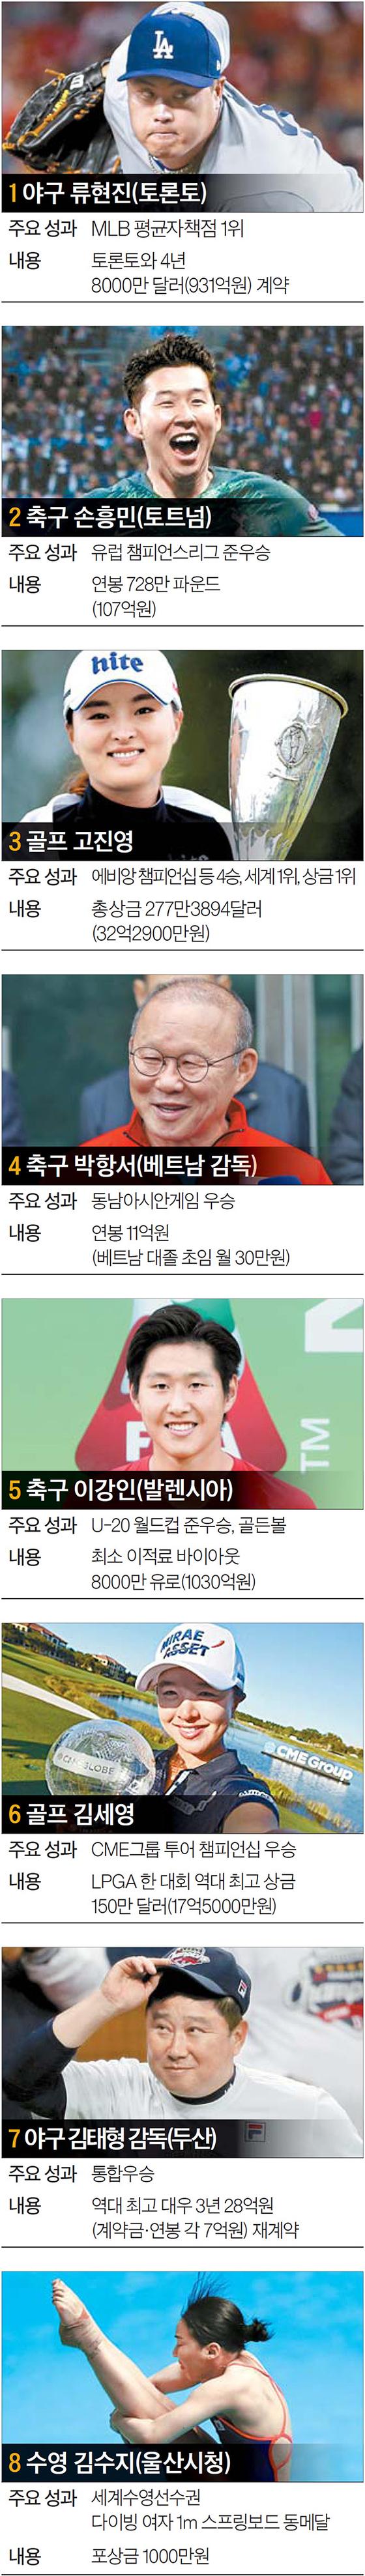 2019년 한국 스포츠